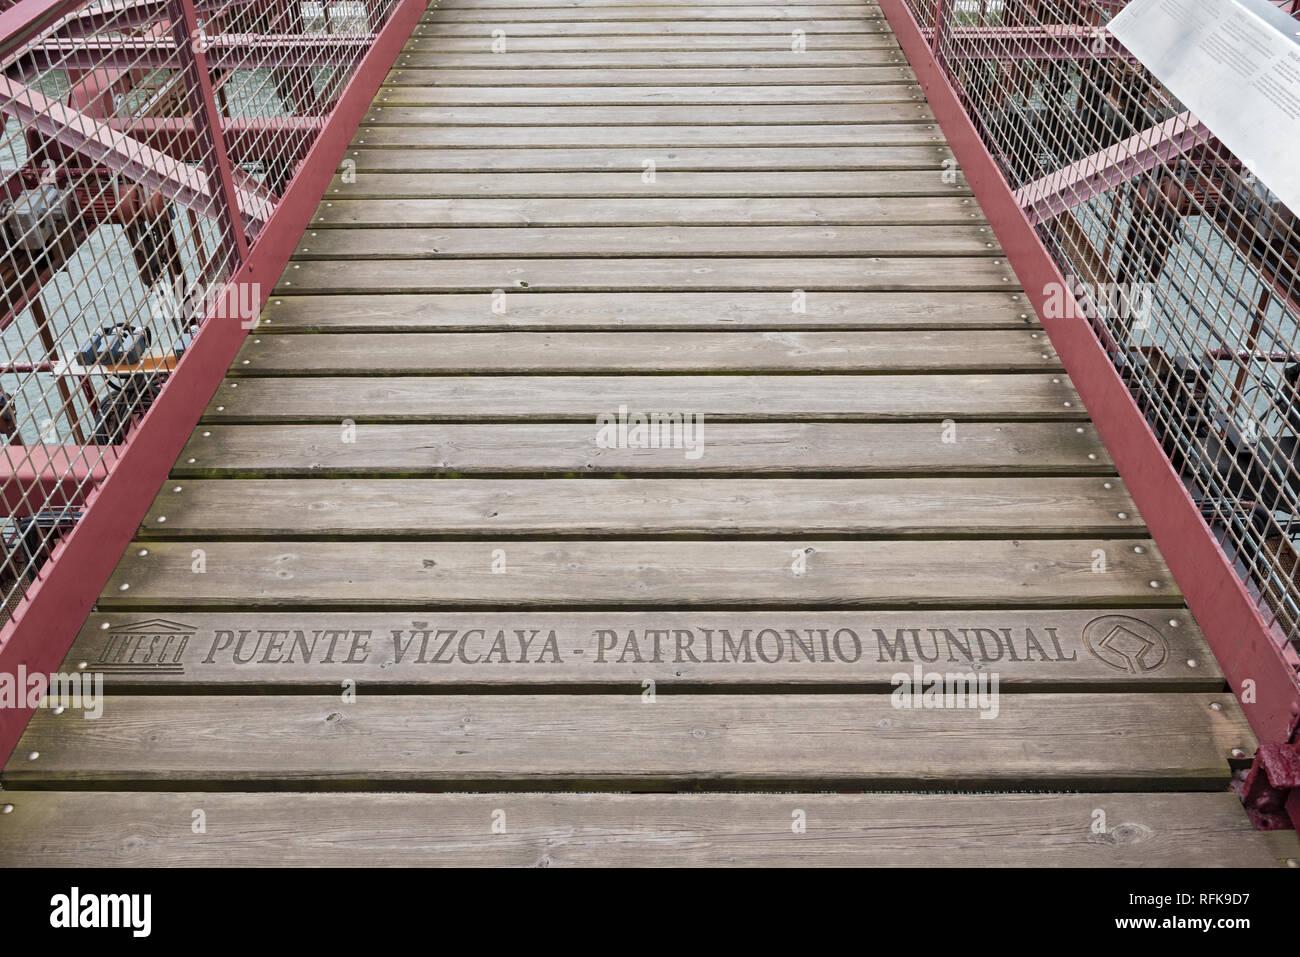 lettering (unesco puente vizcaya-patrimonio mundial) on the suspension bridge of bizkaia (puente de vizcaya) between getxo and portugalete above the r - Stock Image